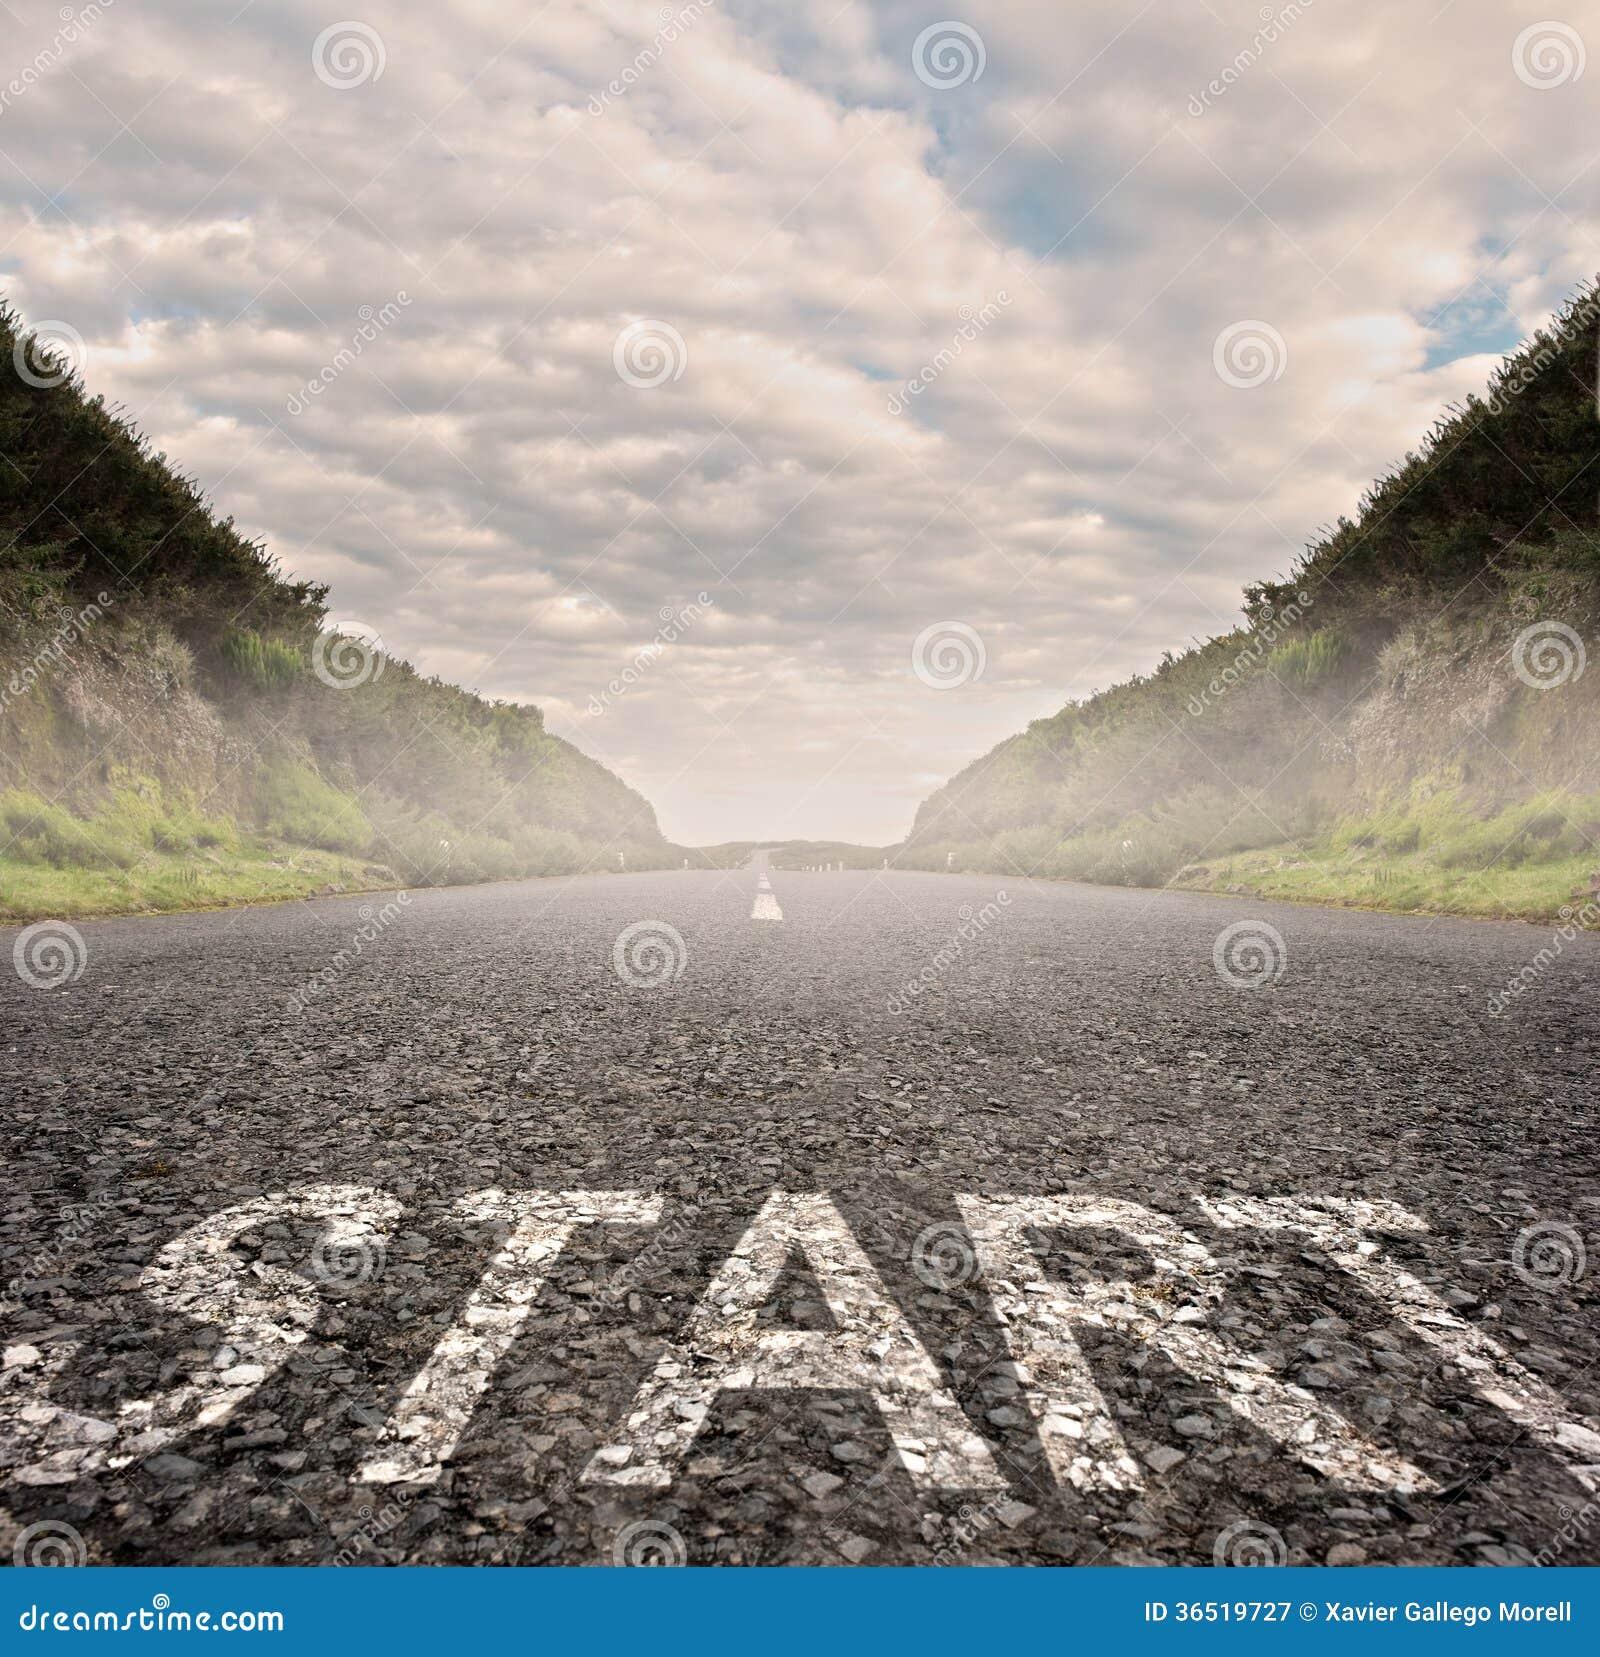 Start painted on asphalt